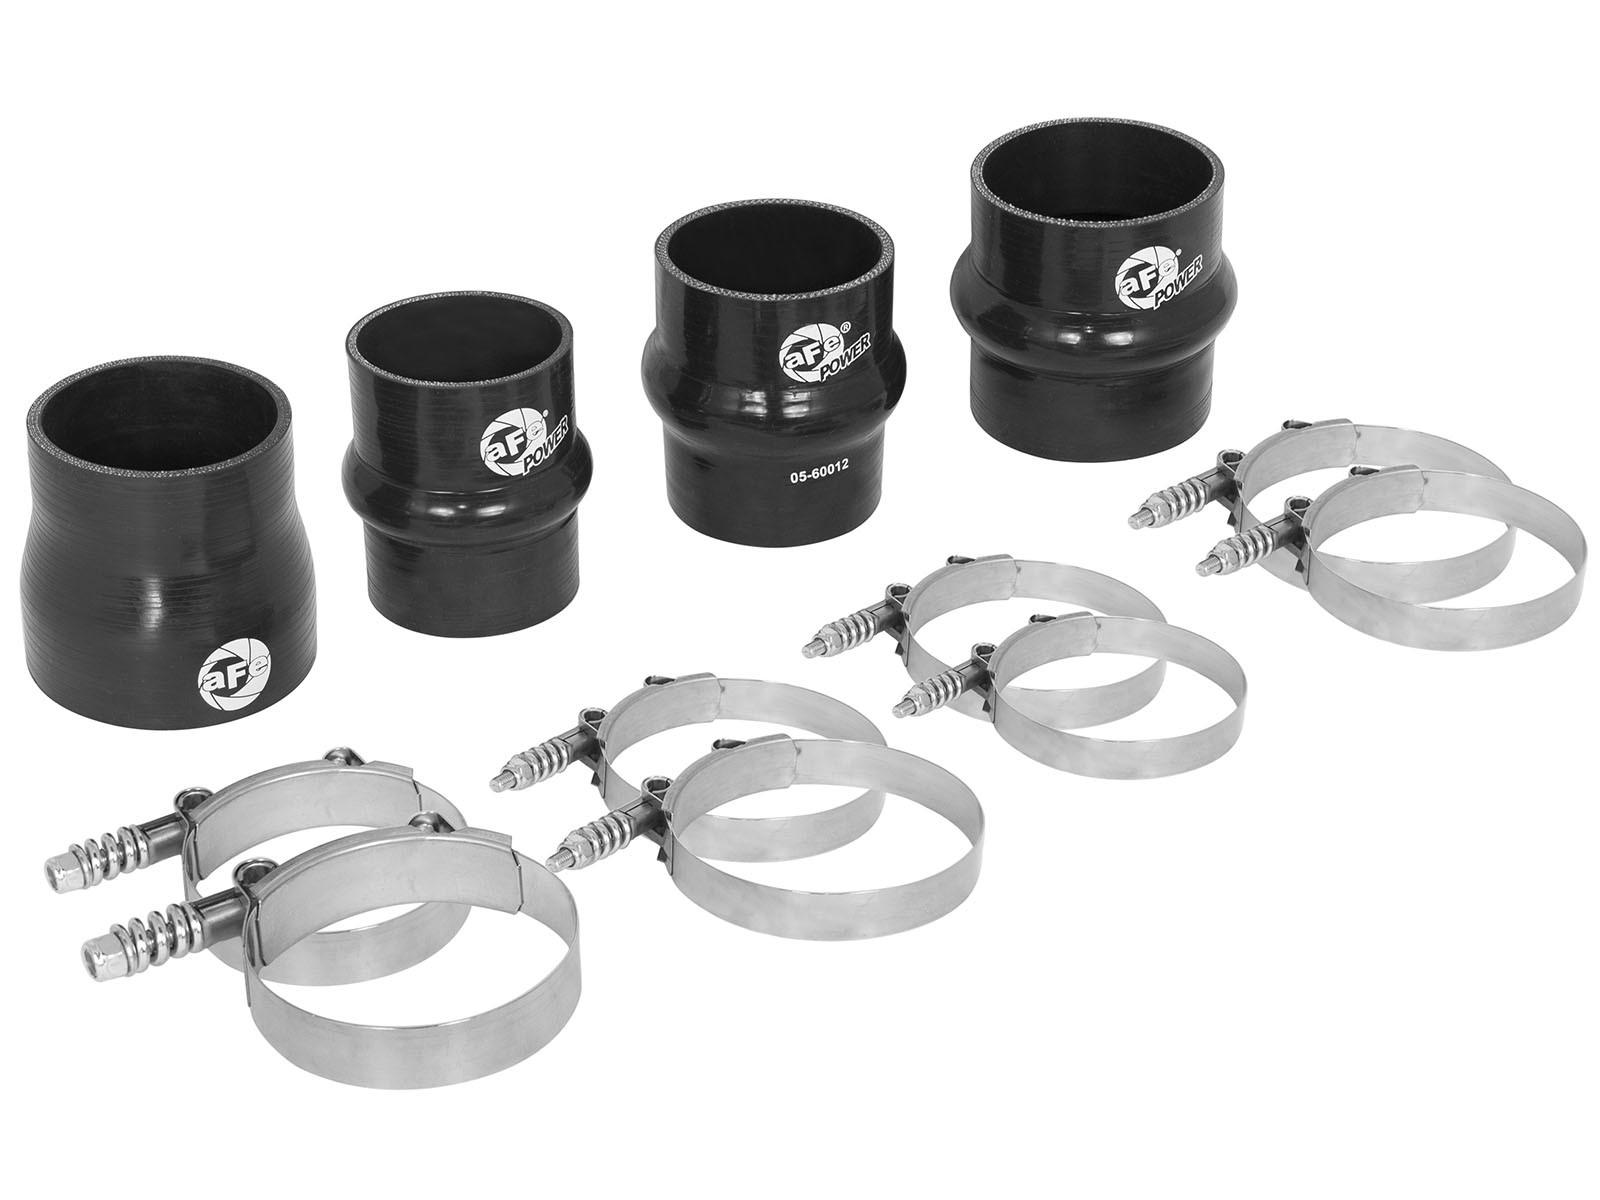 aFe POWER 46-20080AA BladeRunner Intercooler Couplings & Clamps Kit; aFe GT Series Intercooler & aFe Tubes